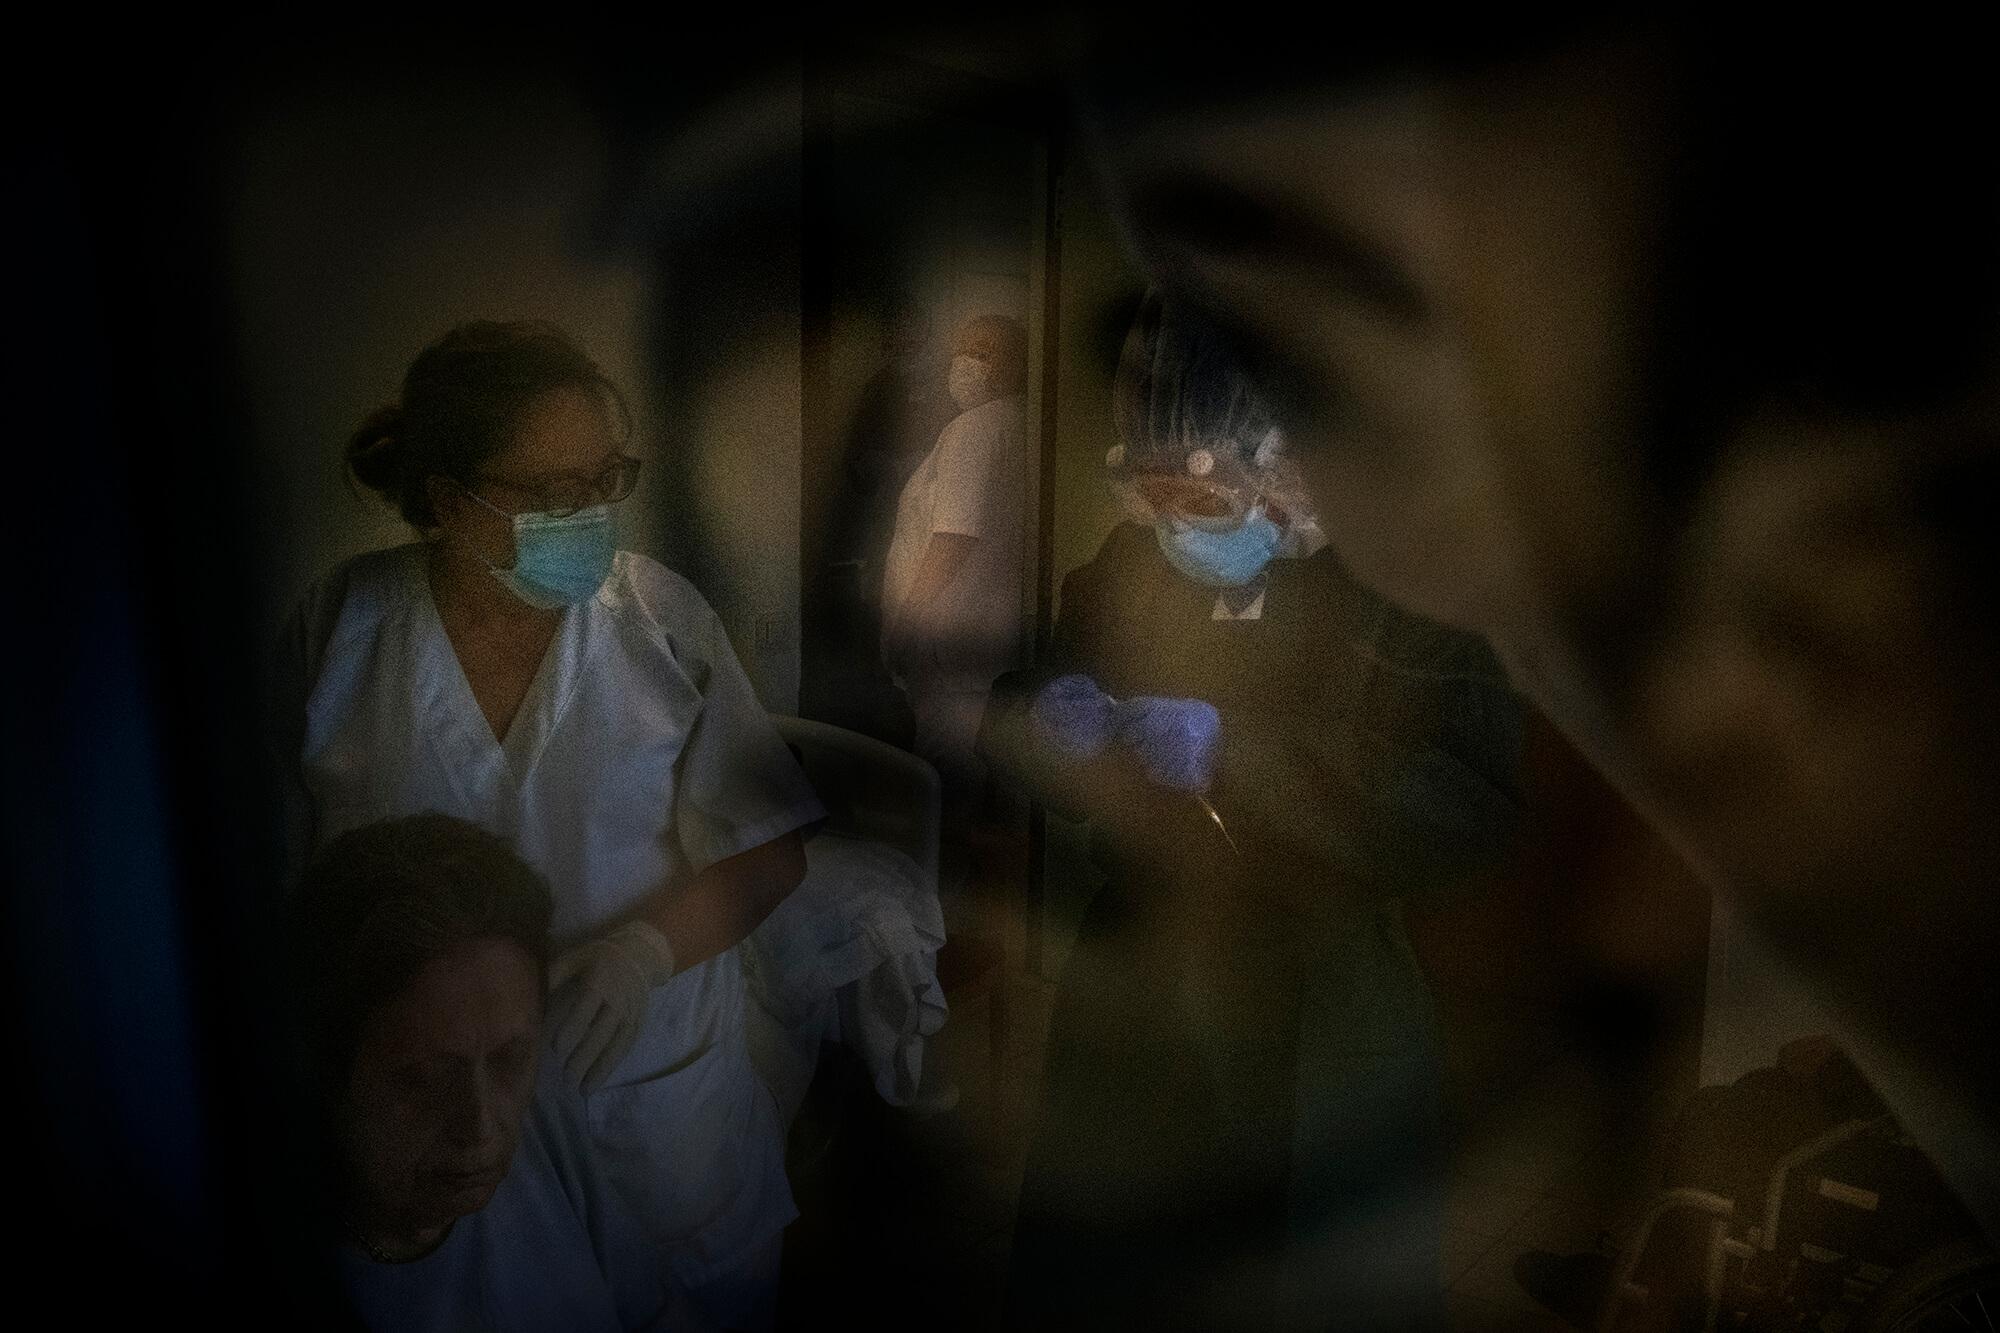 El reflex d'un familiar al vidre d'una fotografia emmarcada acompanya l'escena de dues treballadores atenent una resident.